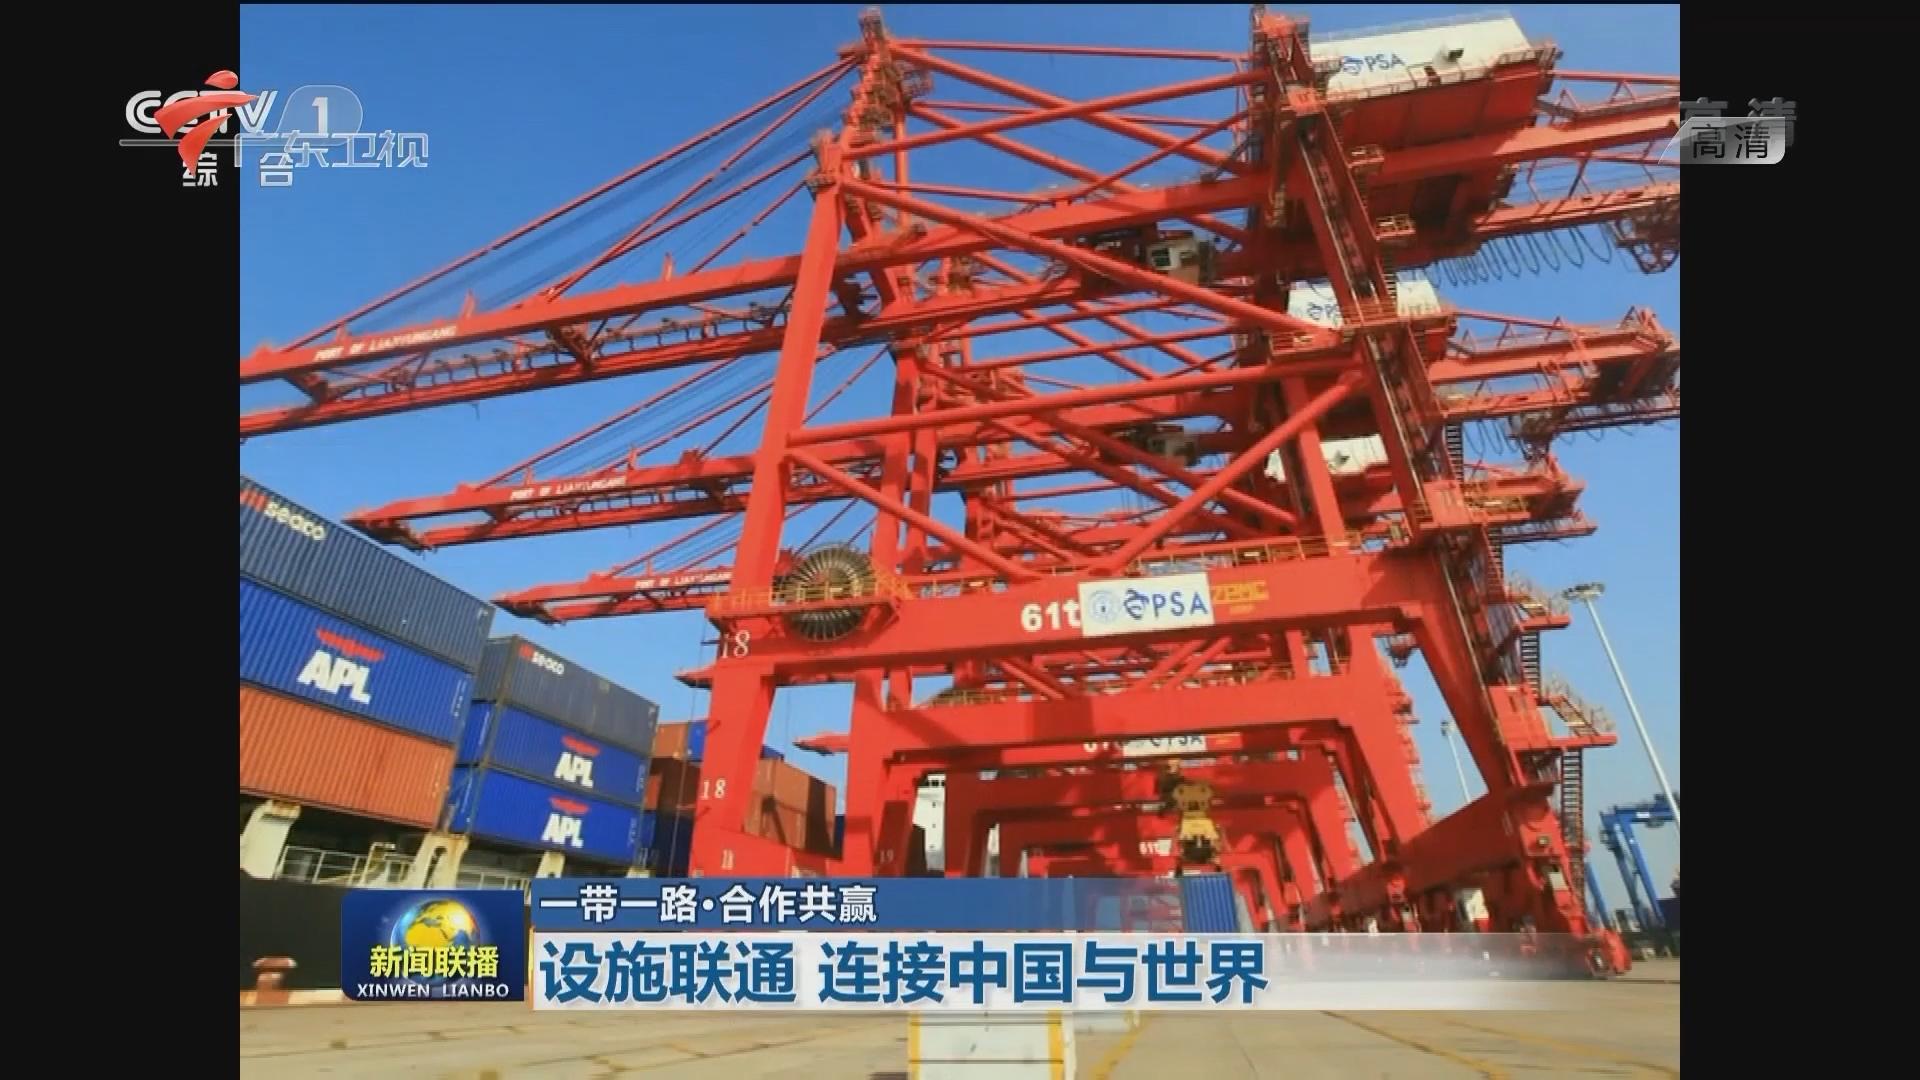 一带一路·合作共赢——设施联通 连接中国与世界